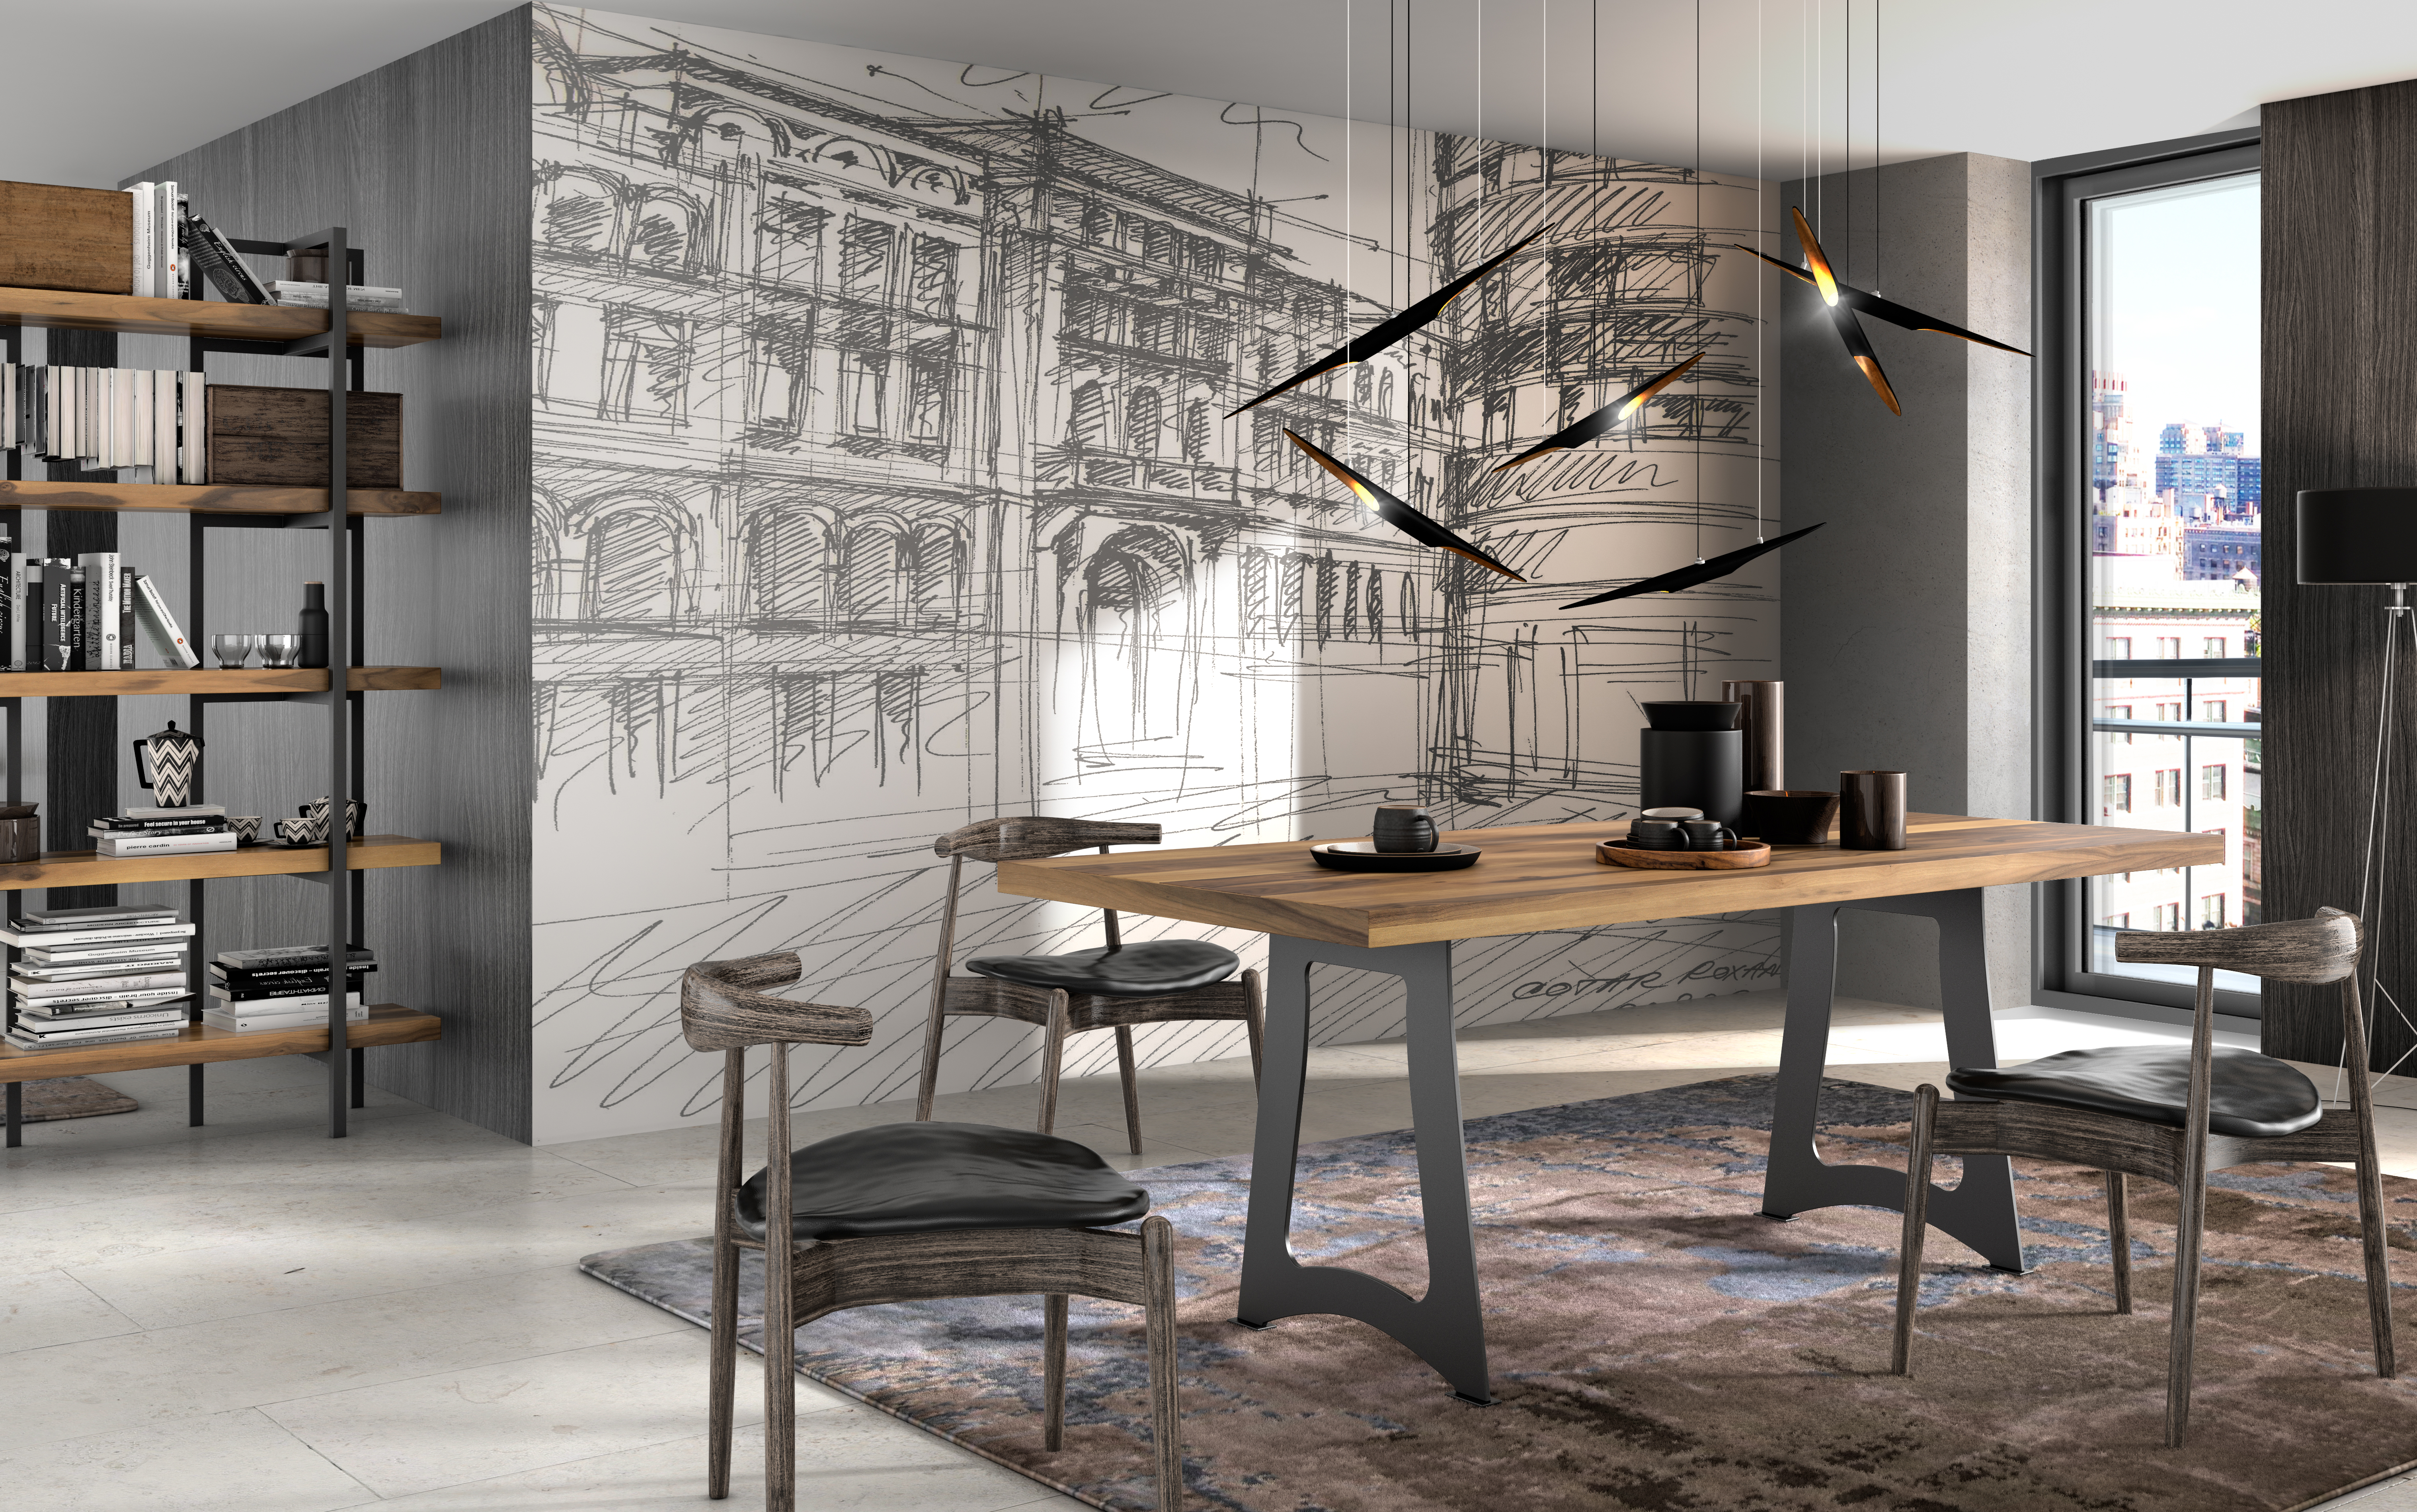 Tendencia Loft, cómo decorar estilo industrial